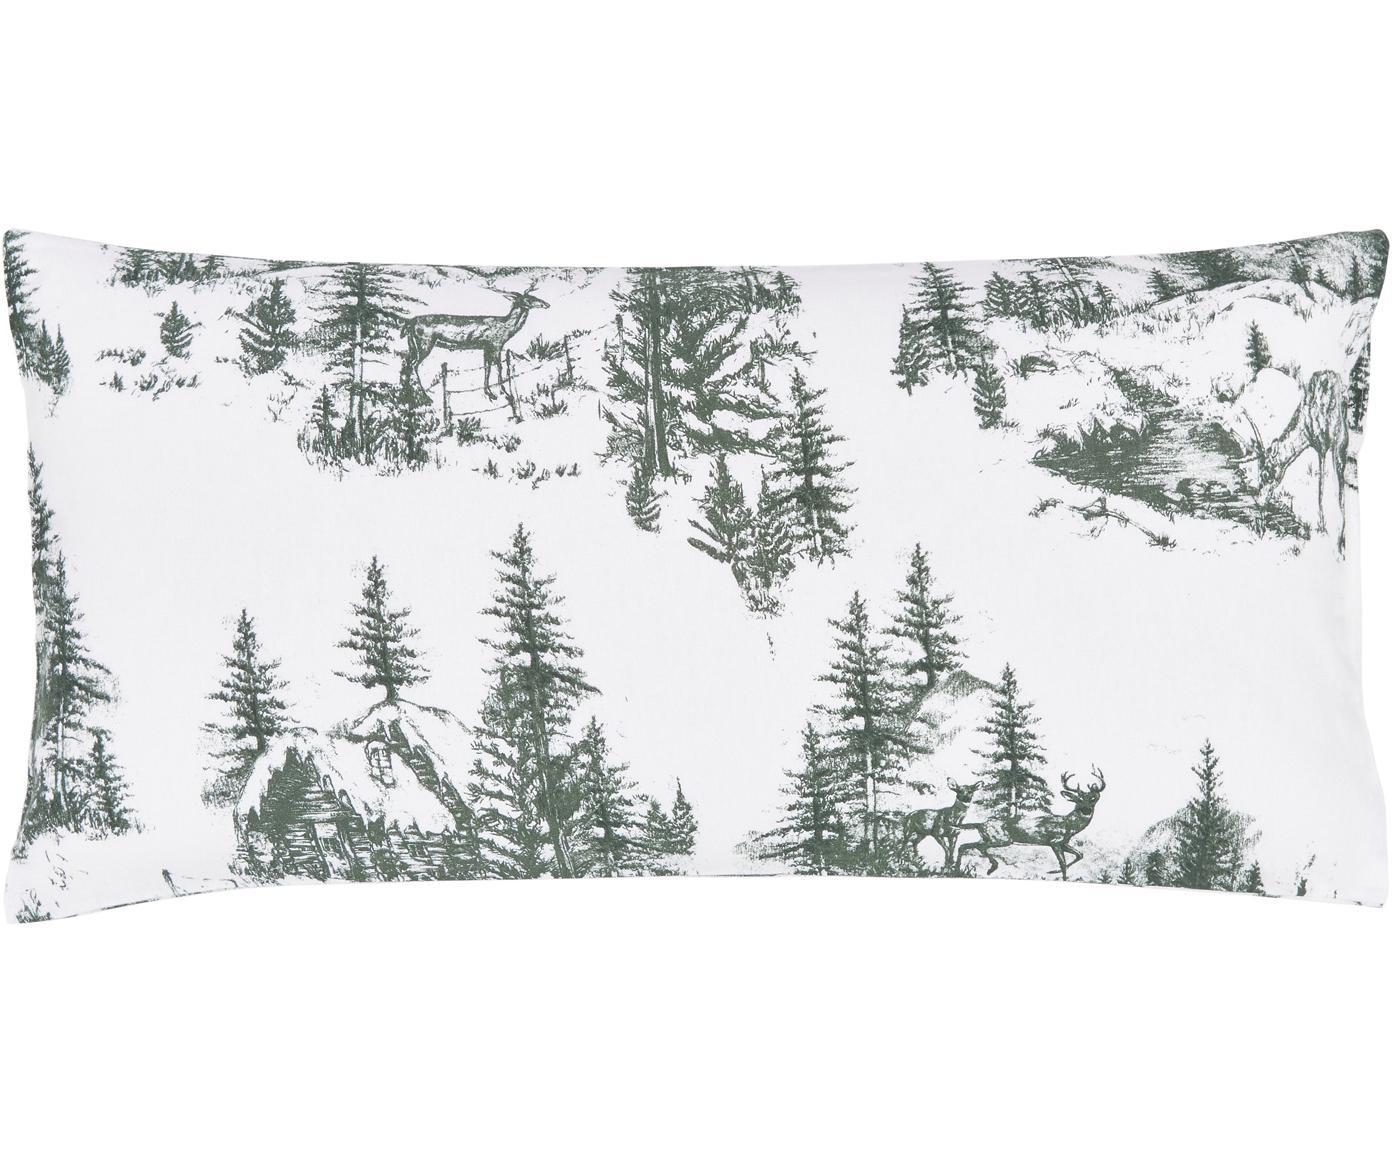 Flanell-Kissenbezüge Nordic mit winterlichem Motiv, 2 Stück, Webart: Flanell Flanell ist ein s, Grün, Weiß, 40 x 80 cm